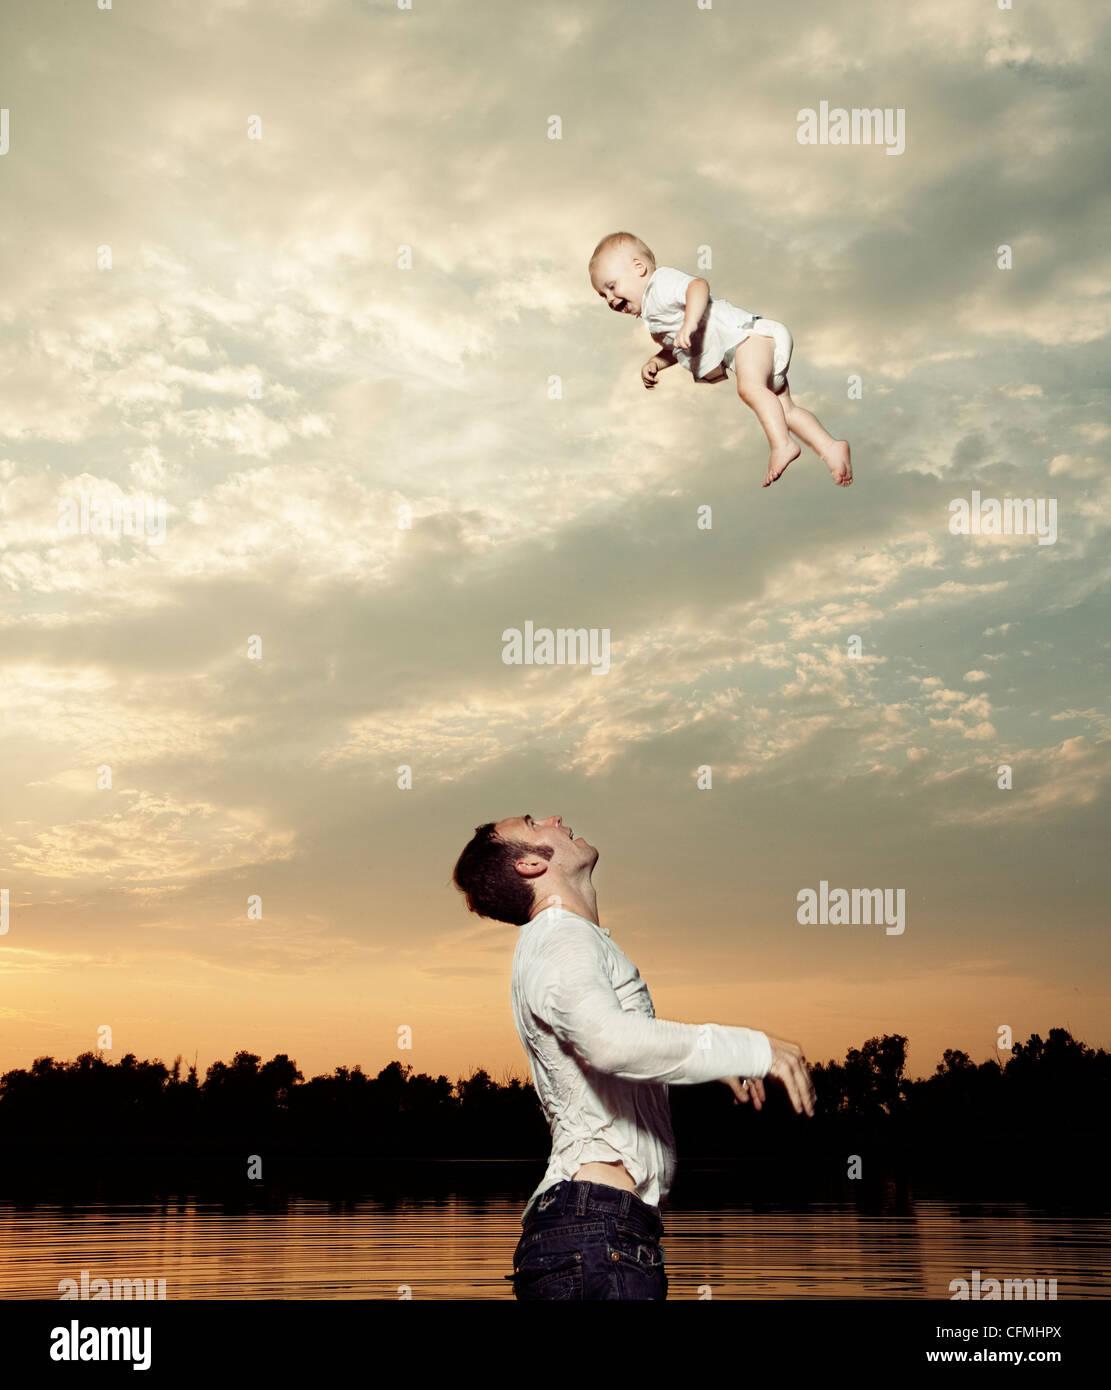 Stati Uniti d'America, Texas, Texarkana, Padre tossing baby figlio fino in aria Immagini Stock